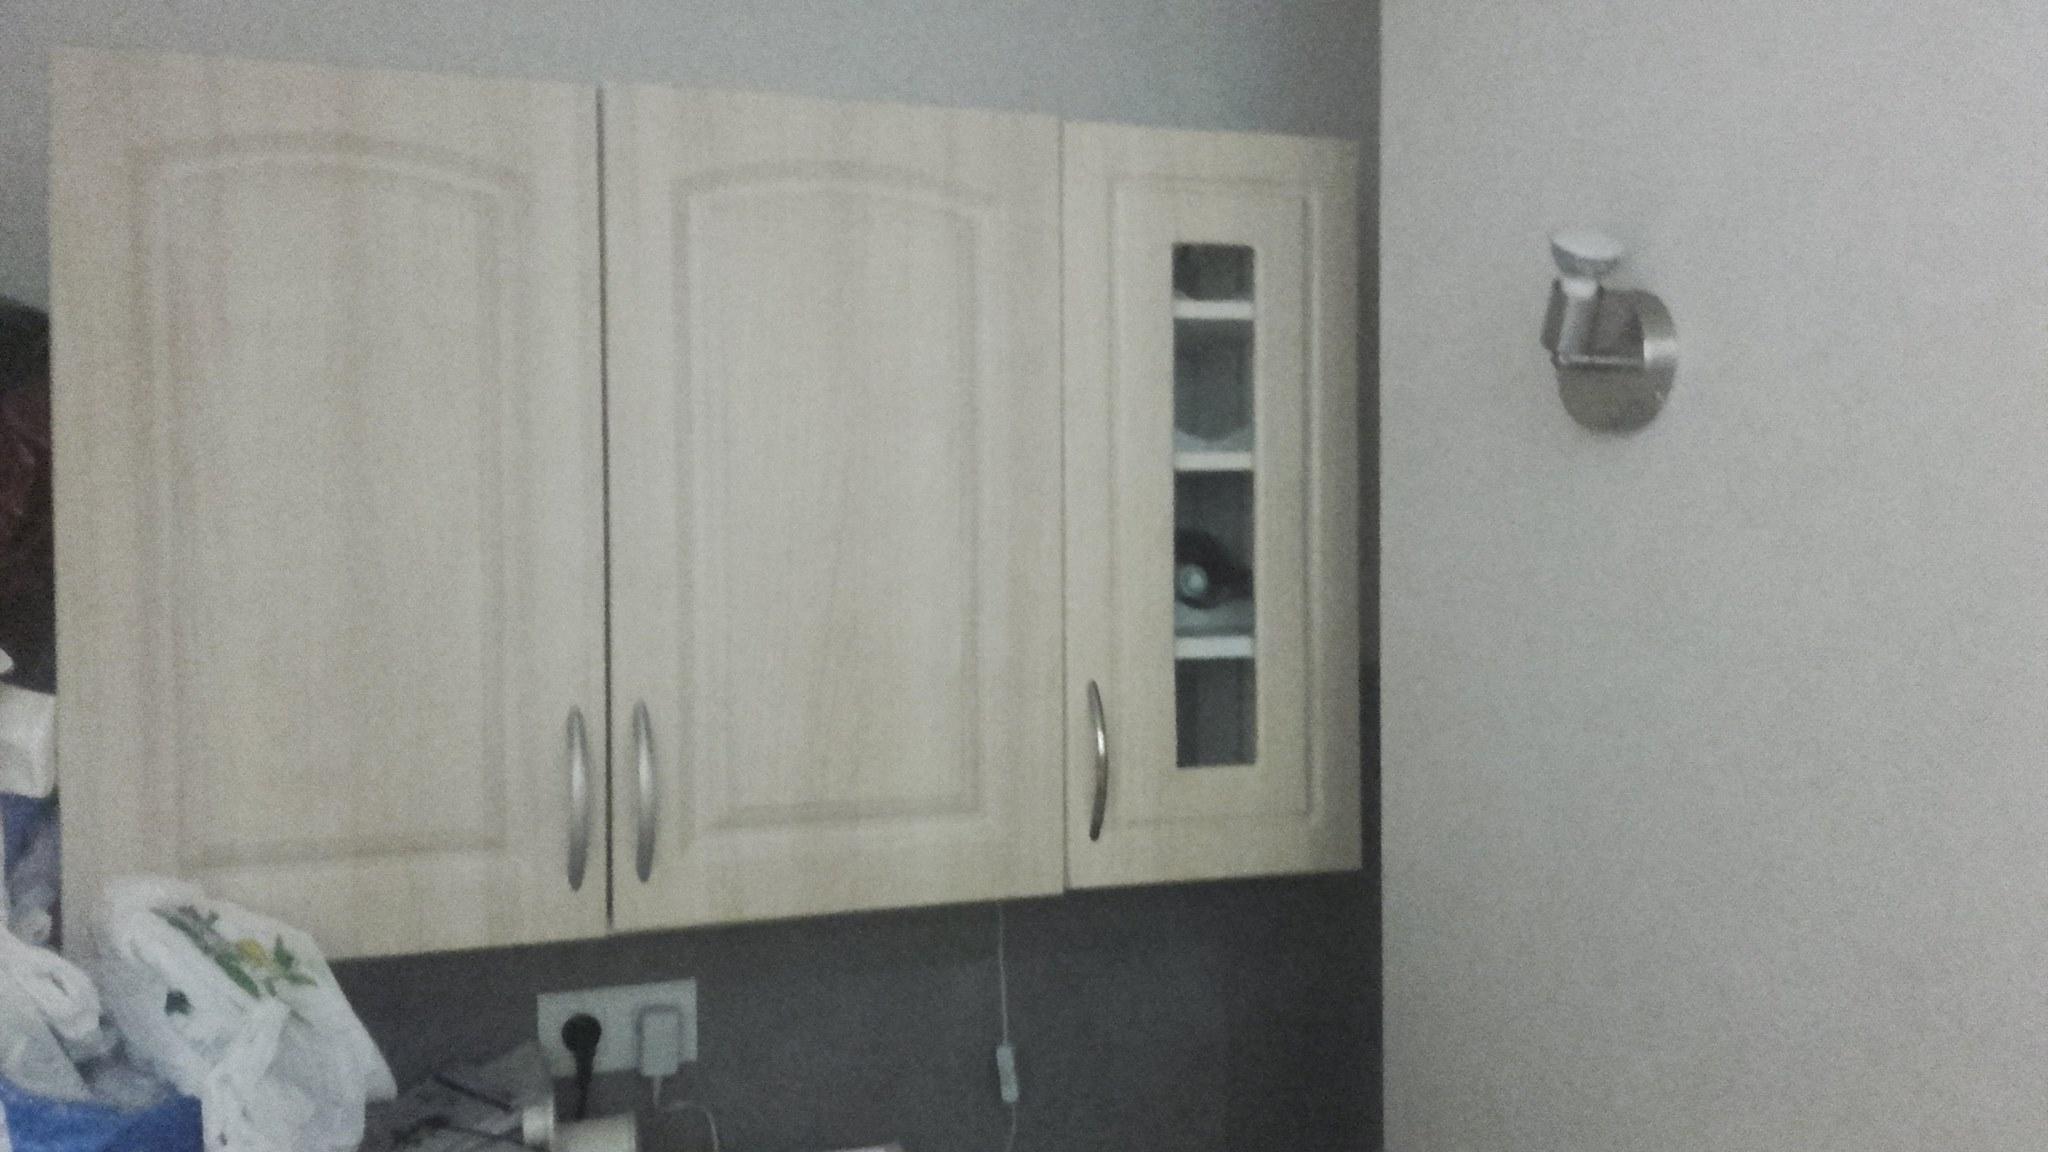 meuble a bouteille fait maison pour cuisine equipee wikifab. Black Bedroom Furniture Sets. Home Design Ideas